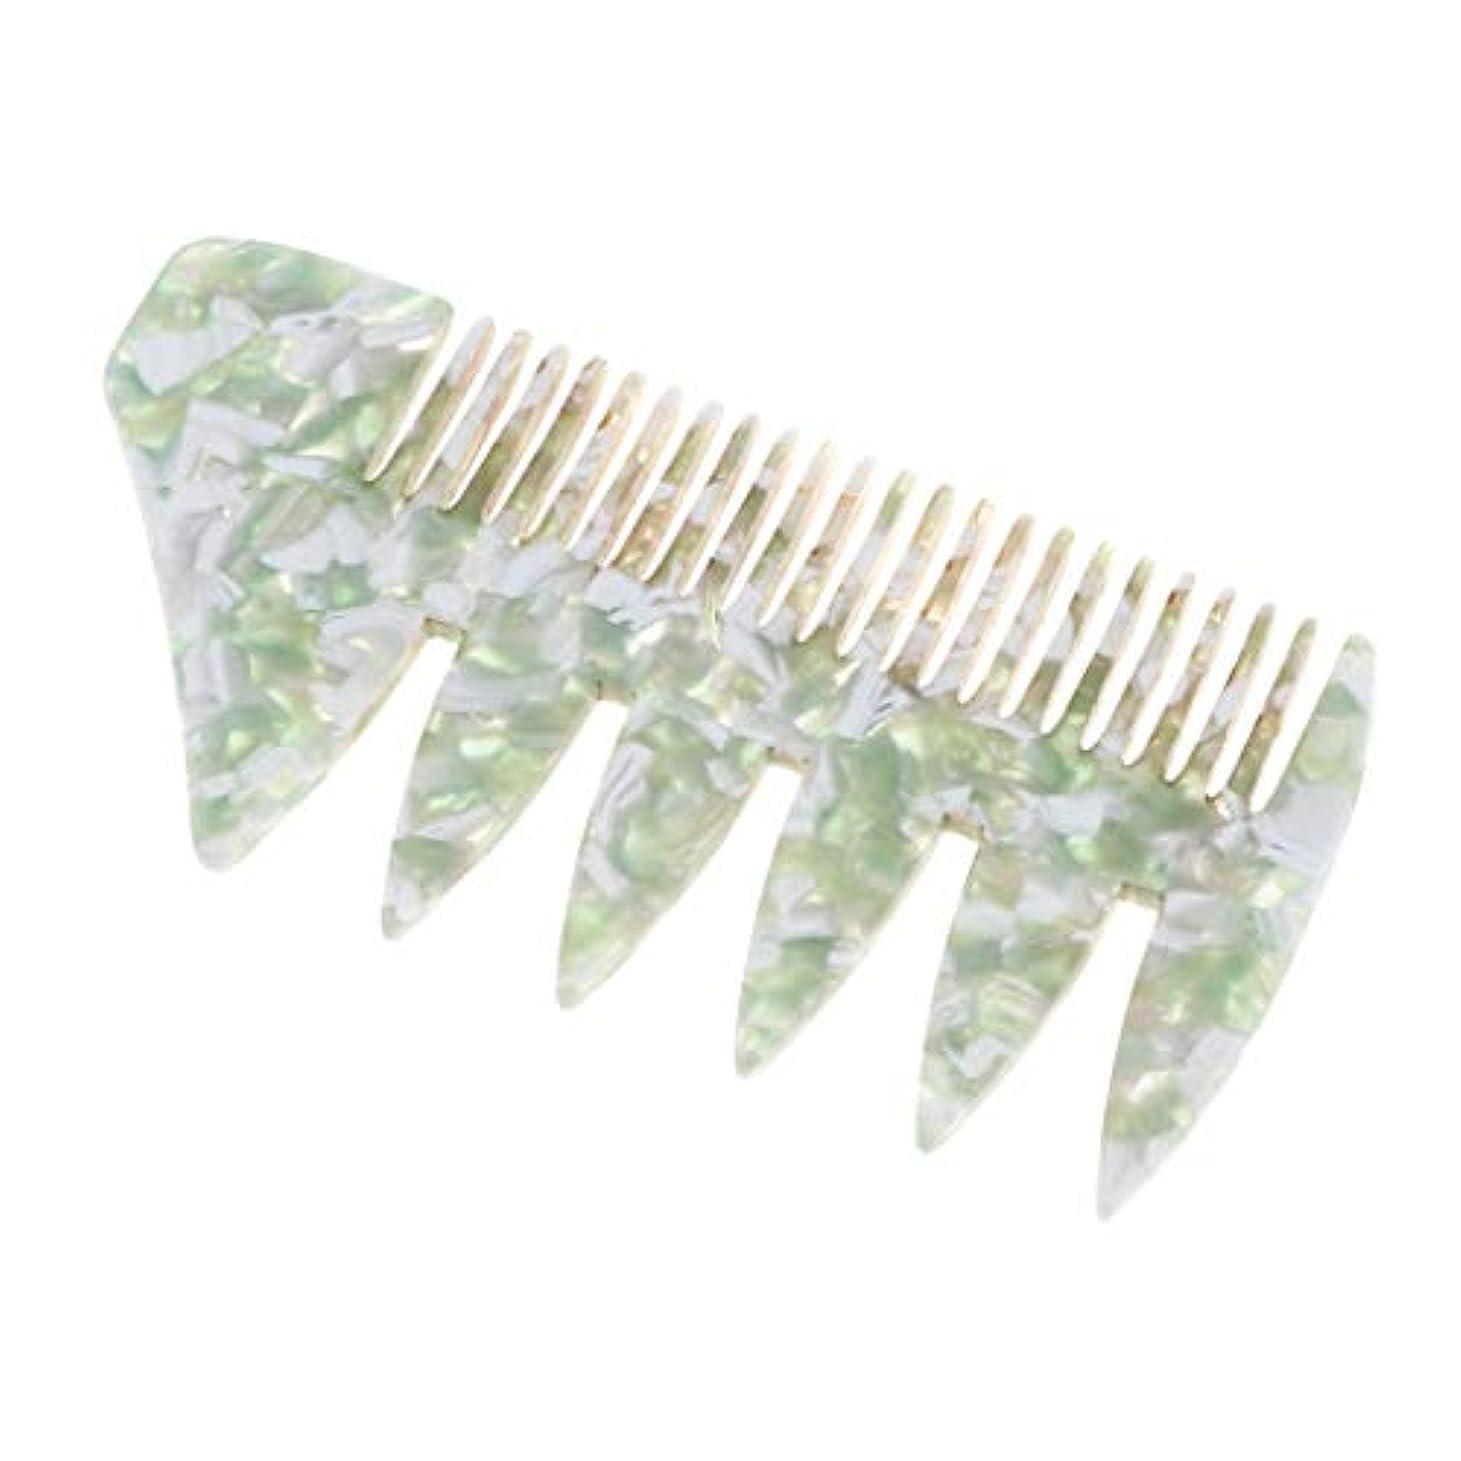 オーバーフローと以降プラスチック 広い歯 ヘアスタイリング櫛 くし 全4色 - 緑